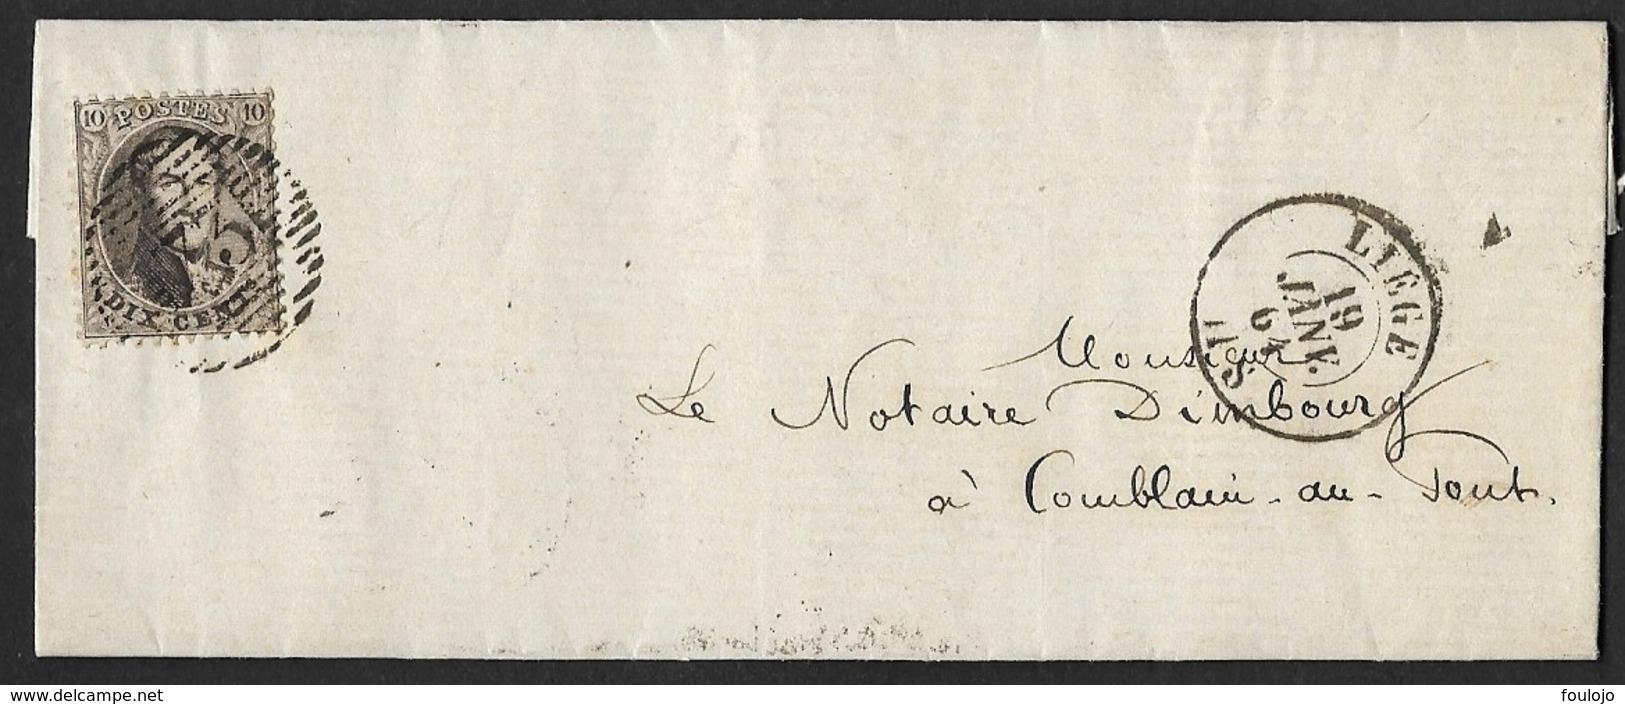 14A Sur Lettre Obl. 18 Barres 73 Vers Comblain-au-Pont  CàD DC Liège DC12 Janv 1864 (Lot 724) - 1863-1864 Médaillons (13/16)